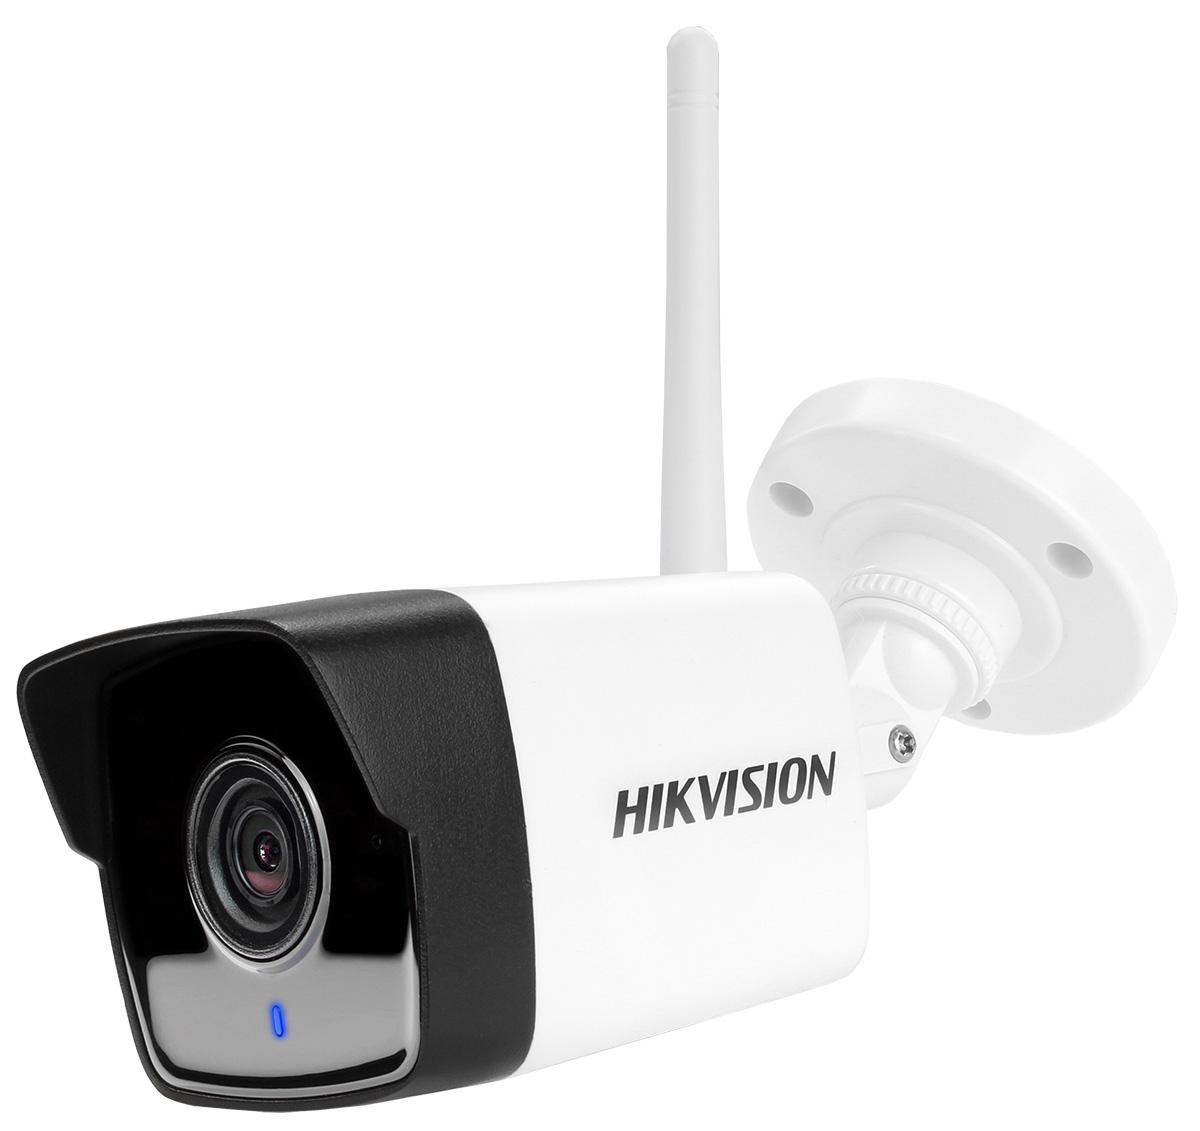 e1e1ac6203f Sieciowa kamera tubowa IP bezprzewodowa wifi Hikvision 2 MPx DS -2CV1021G0-IDW1